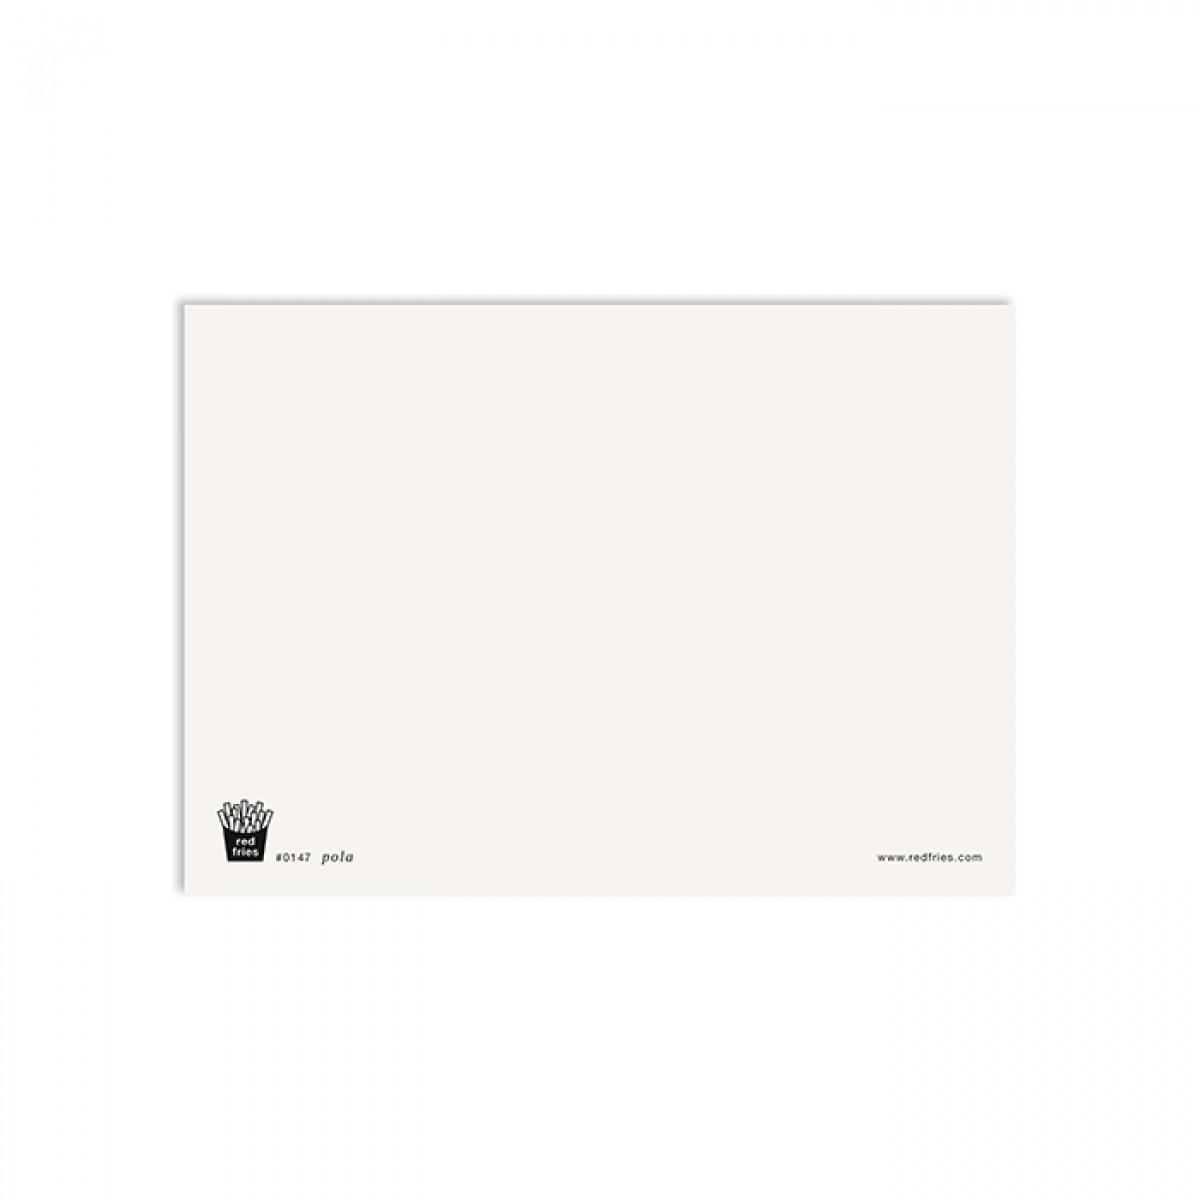 redfries pola – Postkarte DIN A6